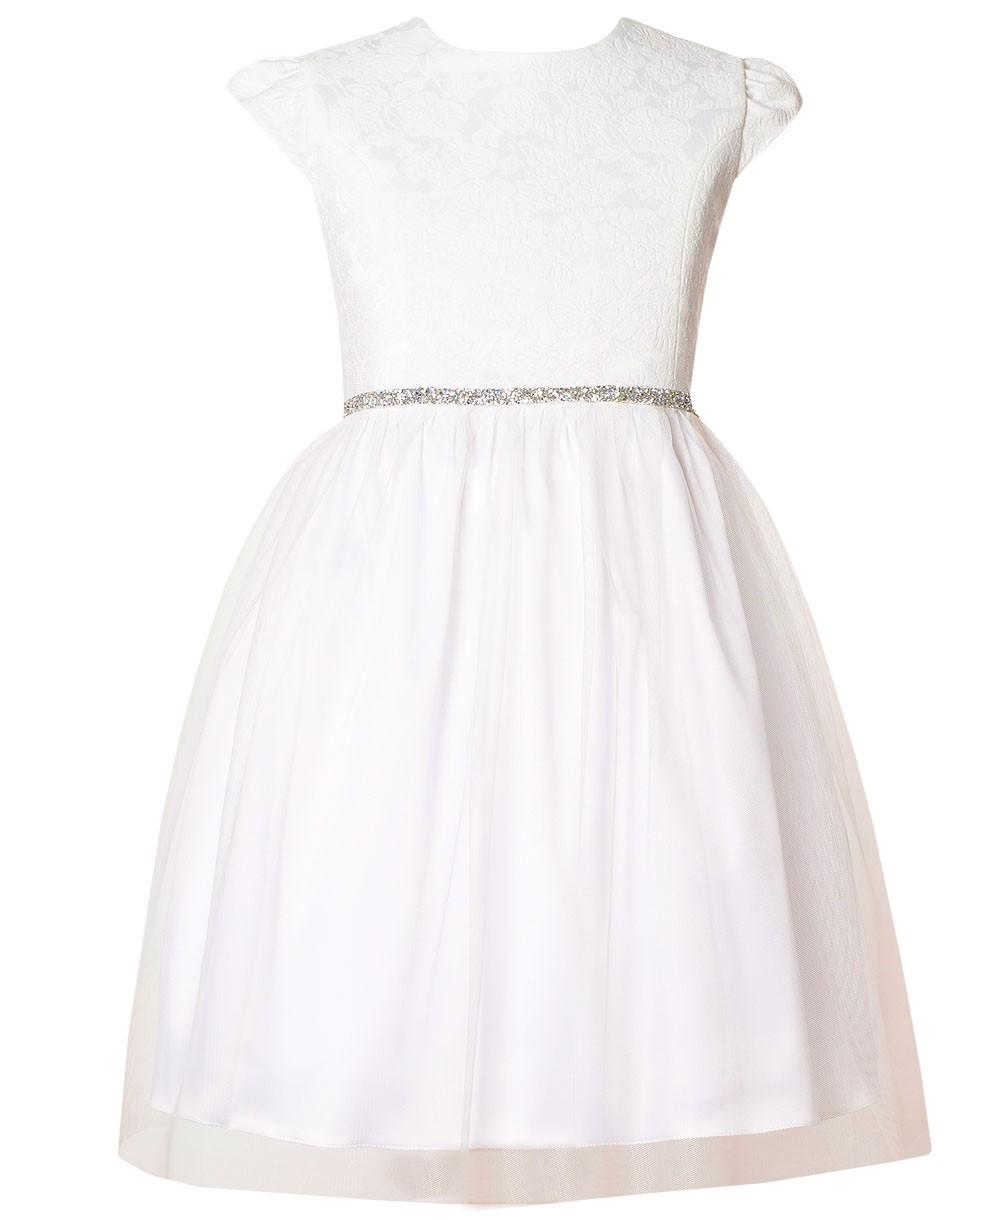 a280316a5f Sukienka Blanca - EMMA Polska Marka Odzieży Dziecięcej